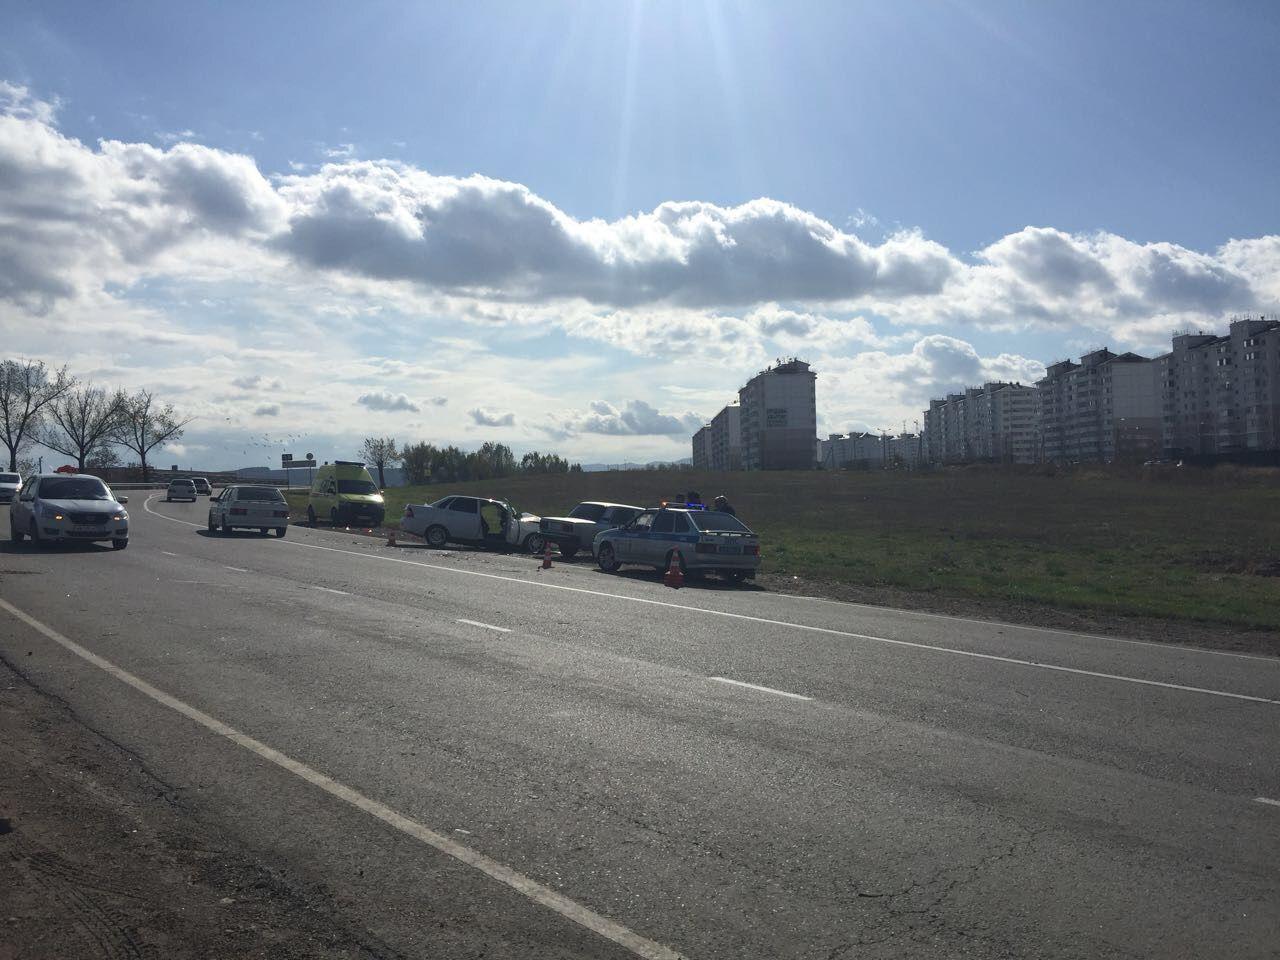 Автомобиль свадебного кортежа спровоцировал ДТП вКраснодарском крае